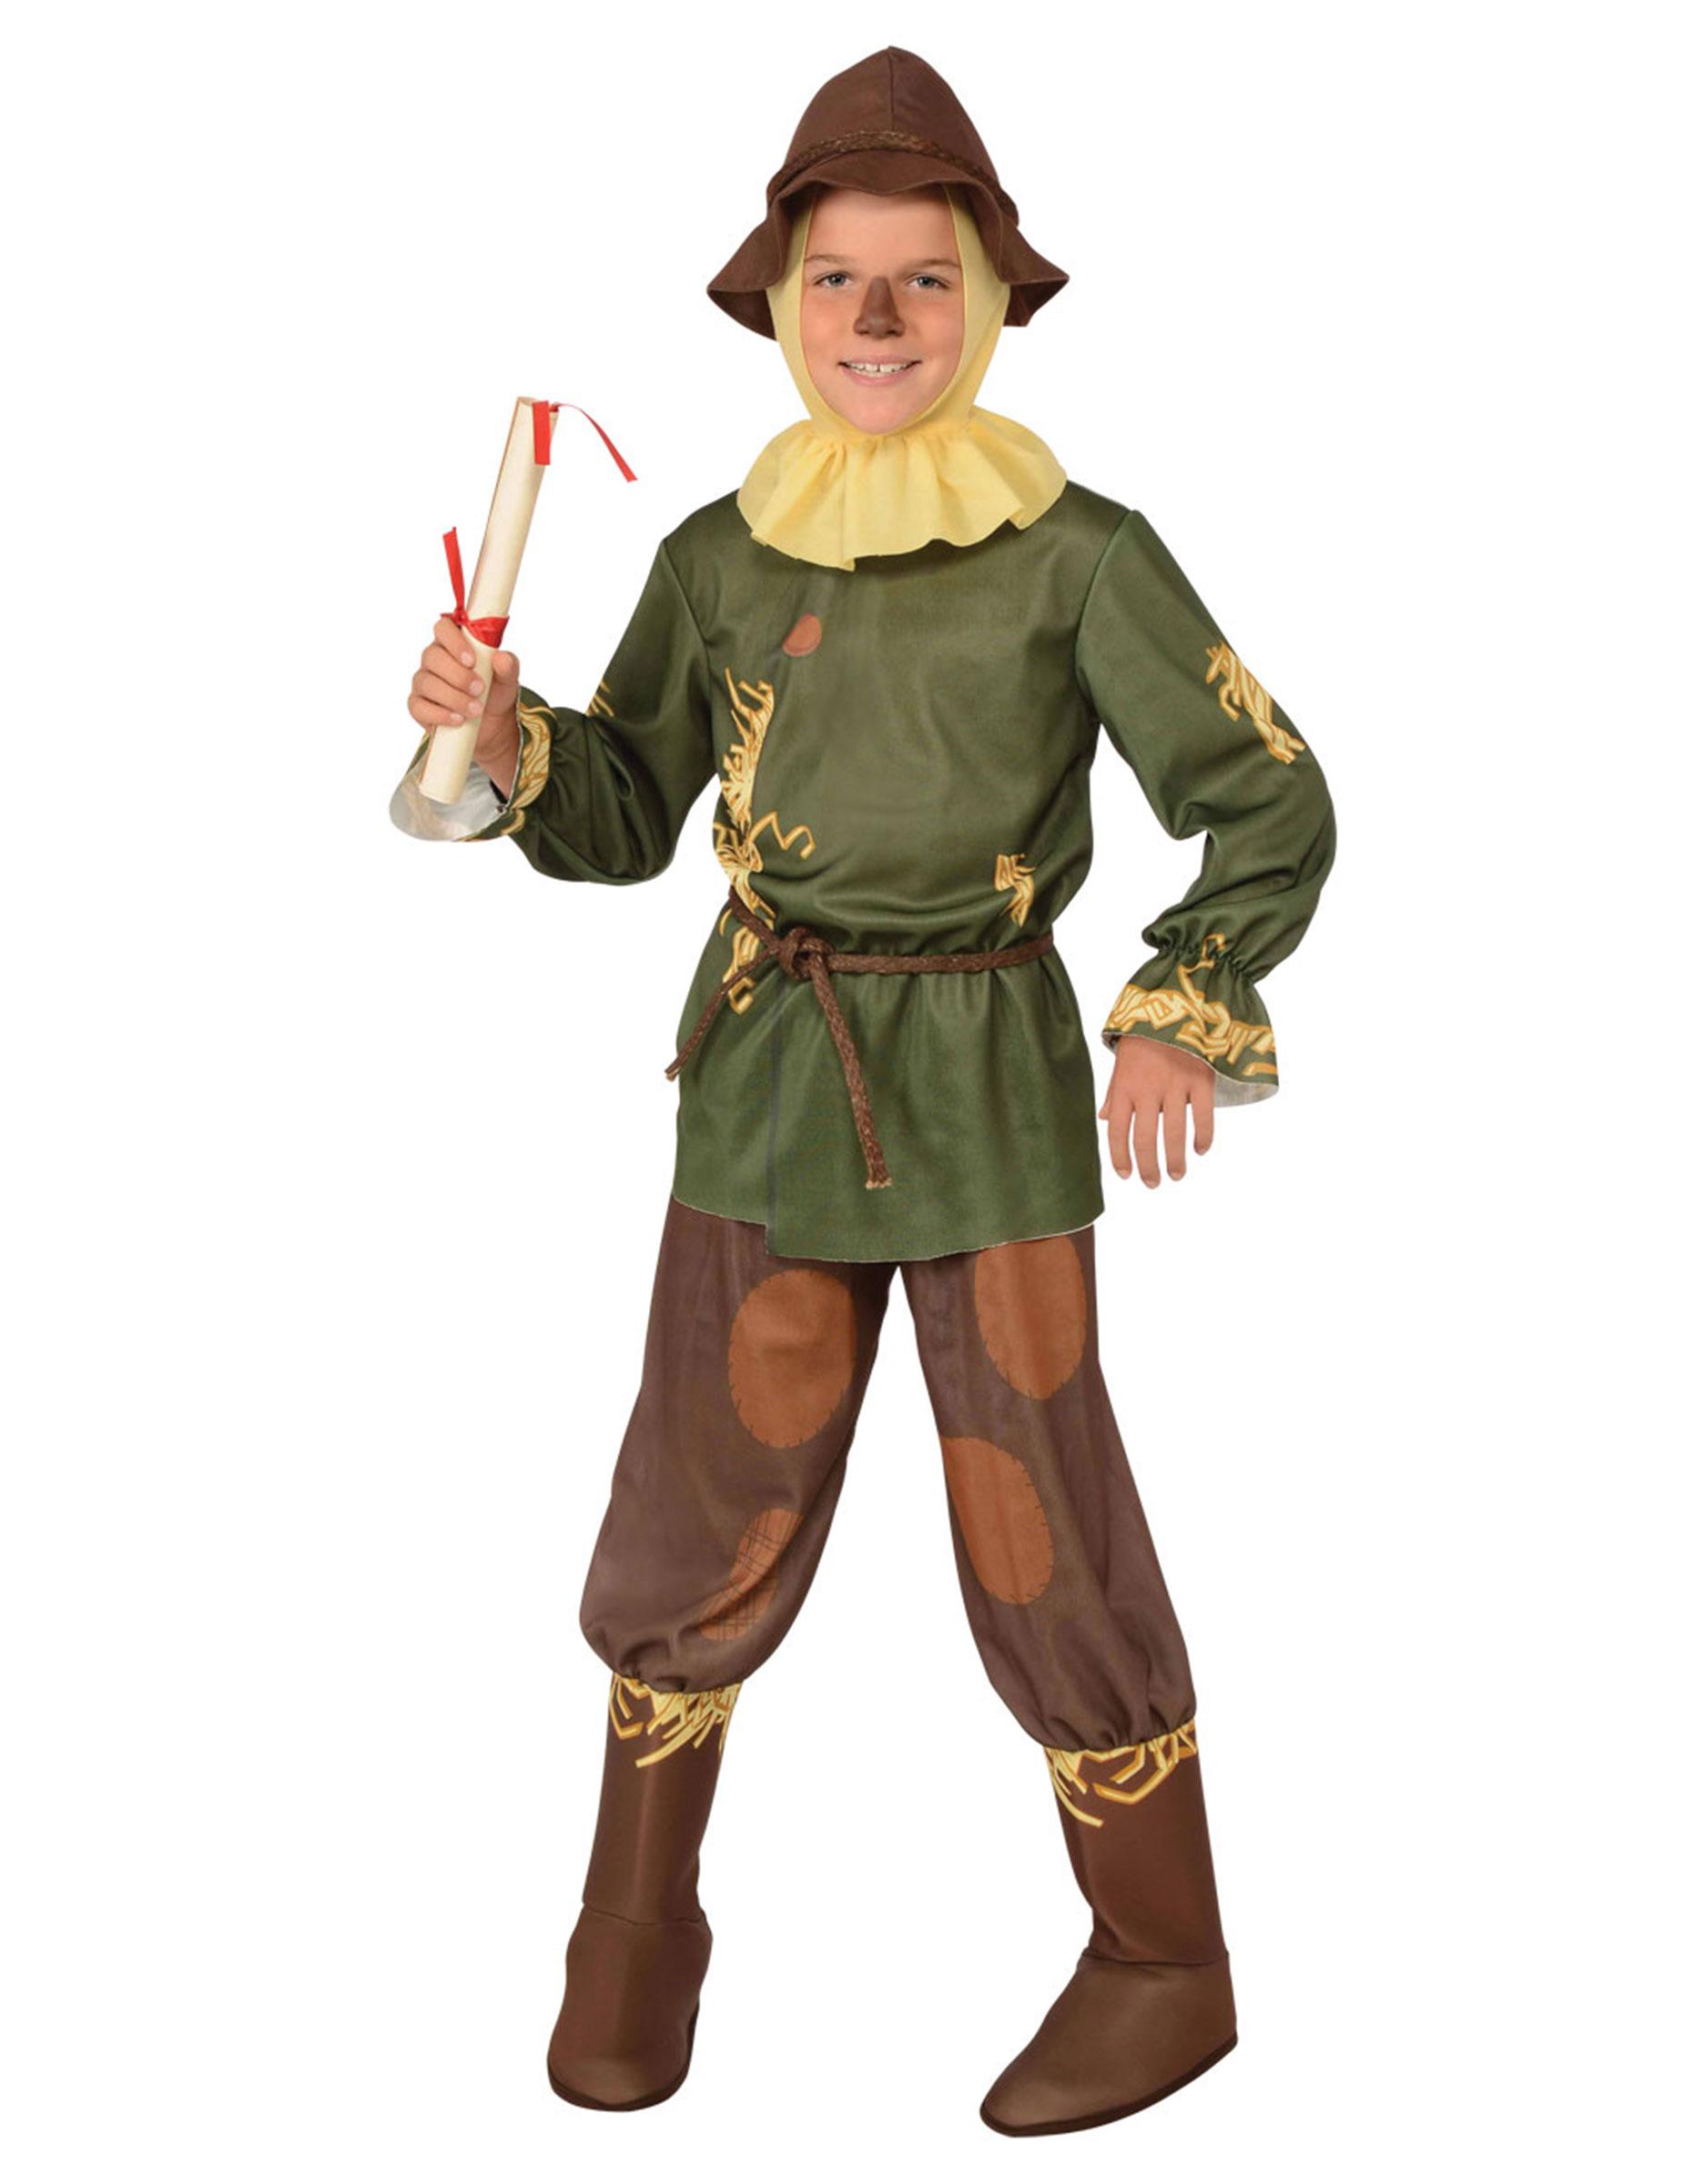 Vogelscheuche Kostum Fur Kinder Der Zauberer Von Oz Fasching Braun